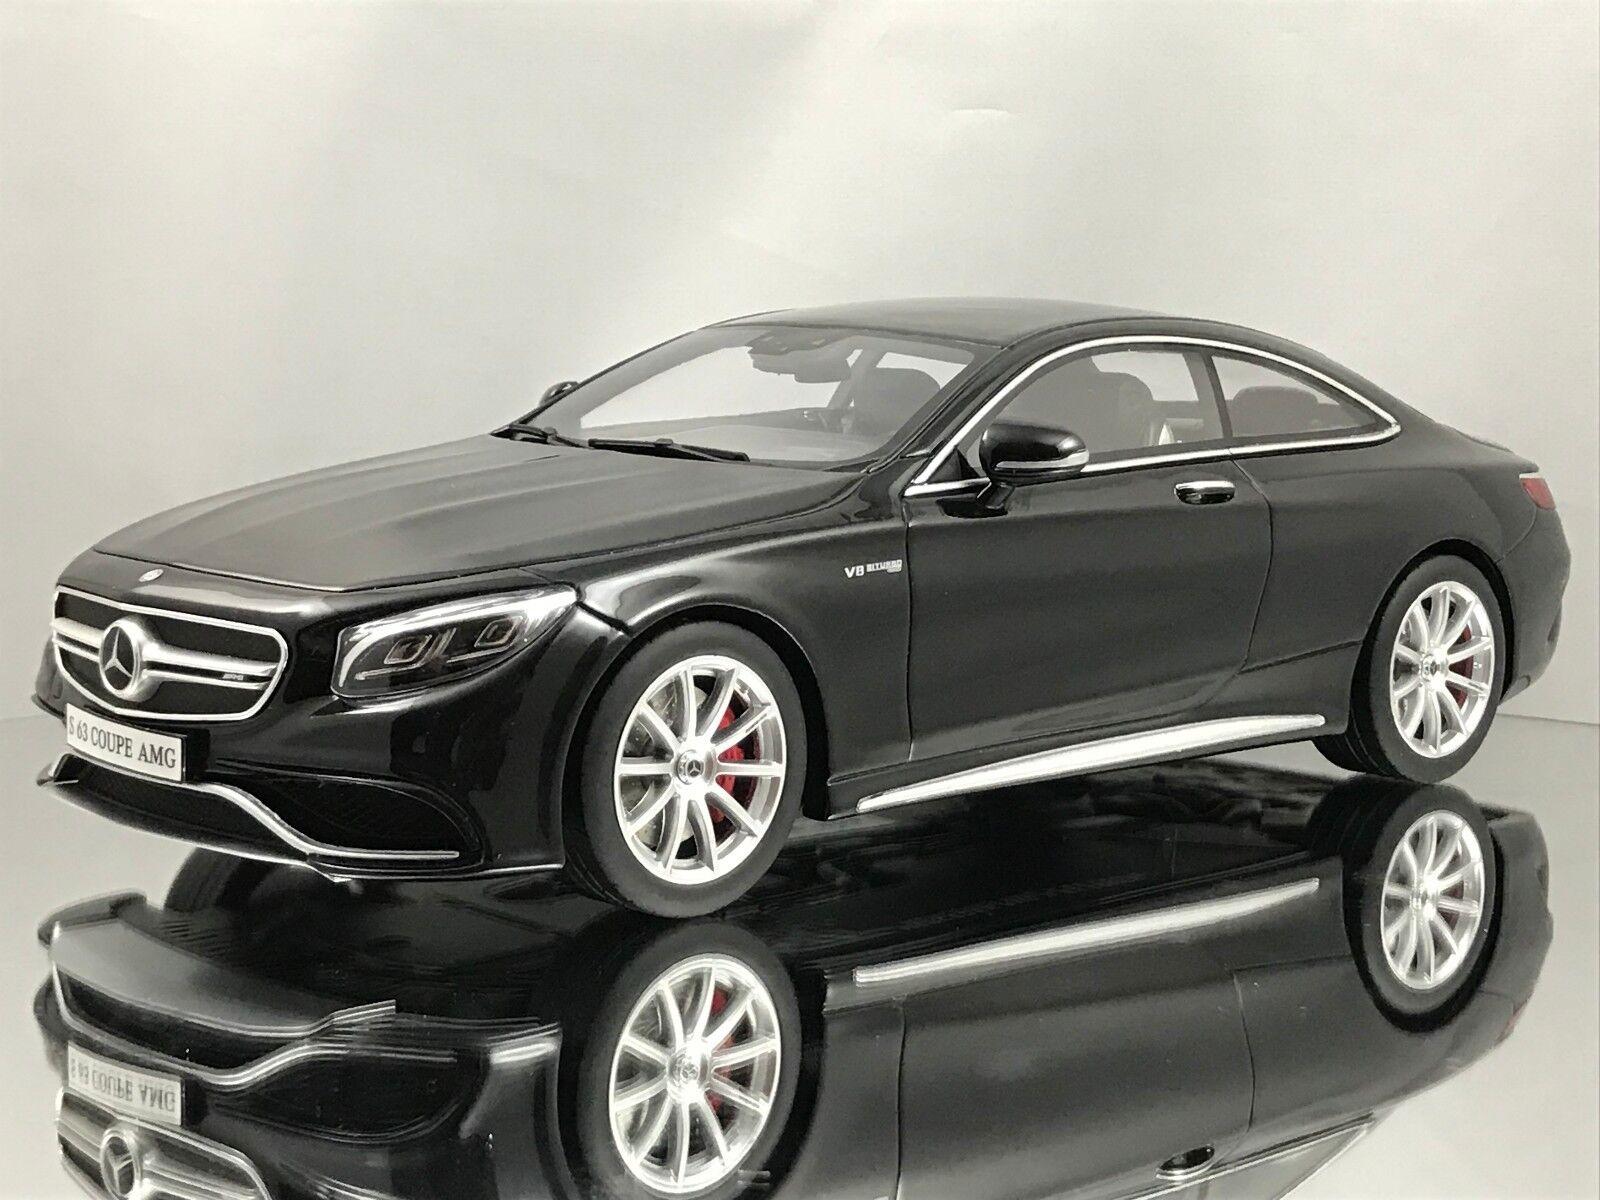 GT Spirit Mercedes Benz S63 AMG Clase S Coupé (C217) coche modelo de resina negra